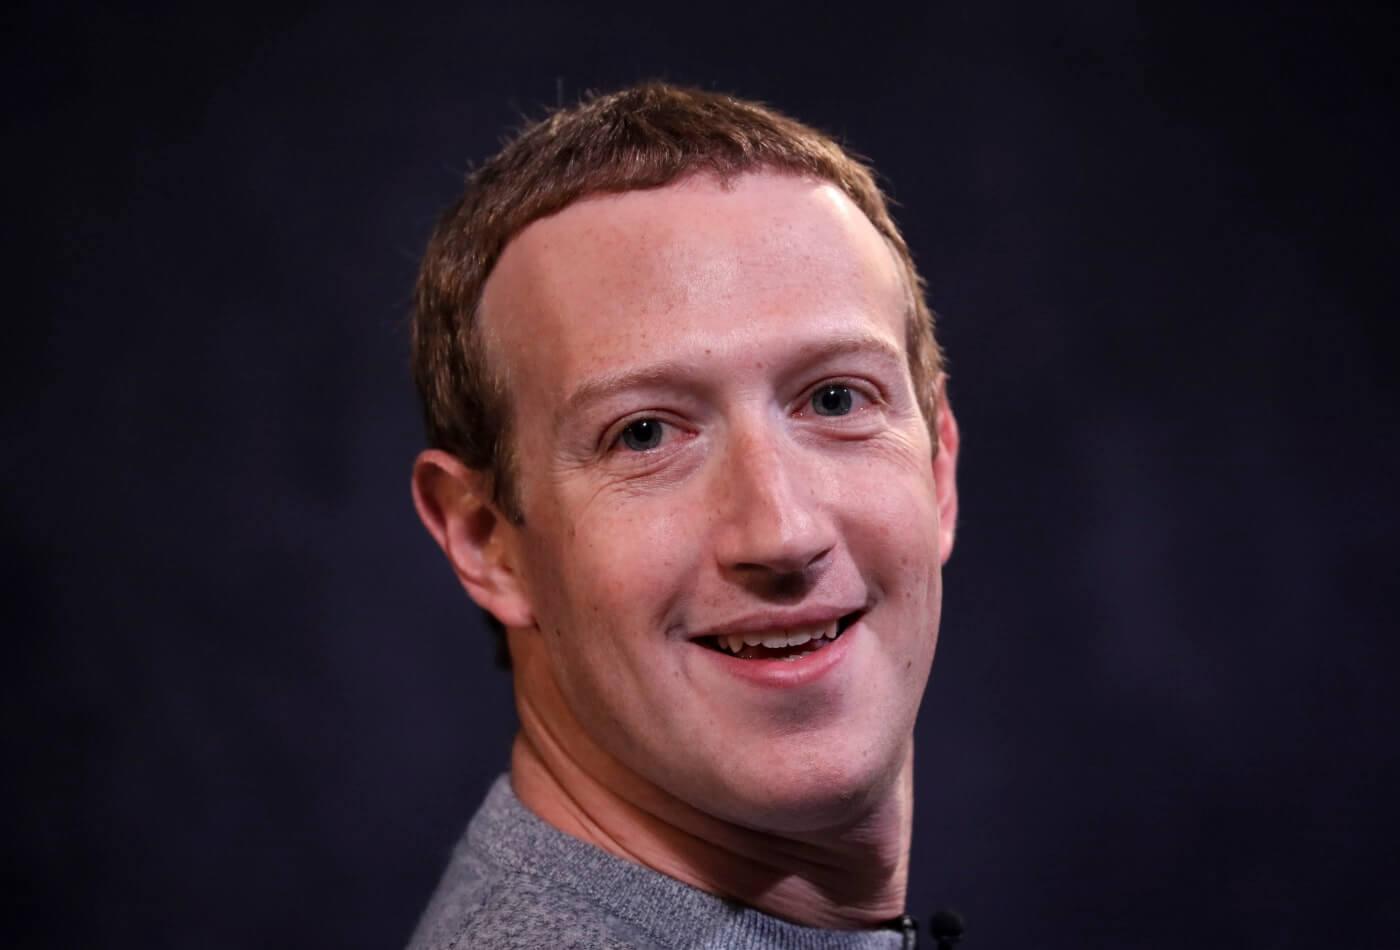 Цукерберг почти каждый день продает свои акции Facebook